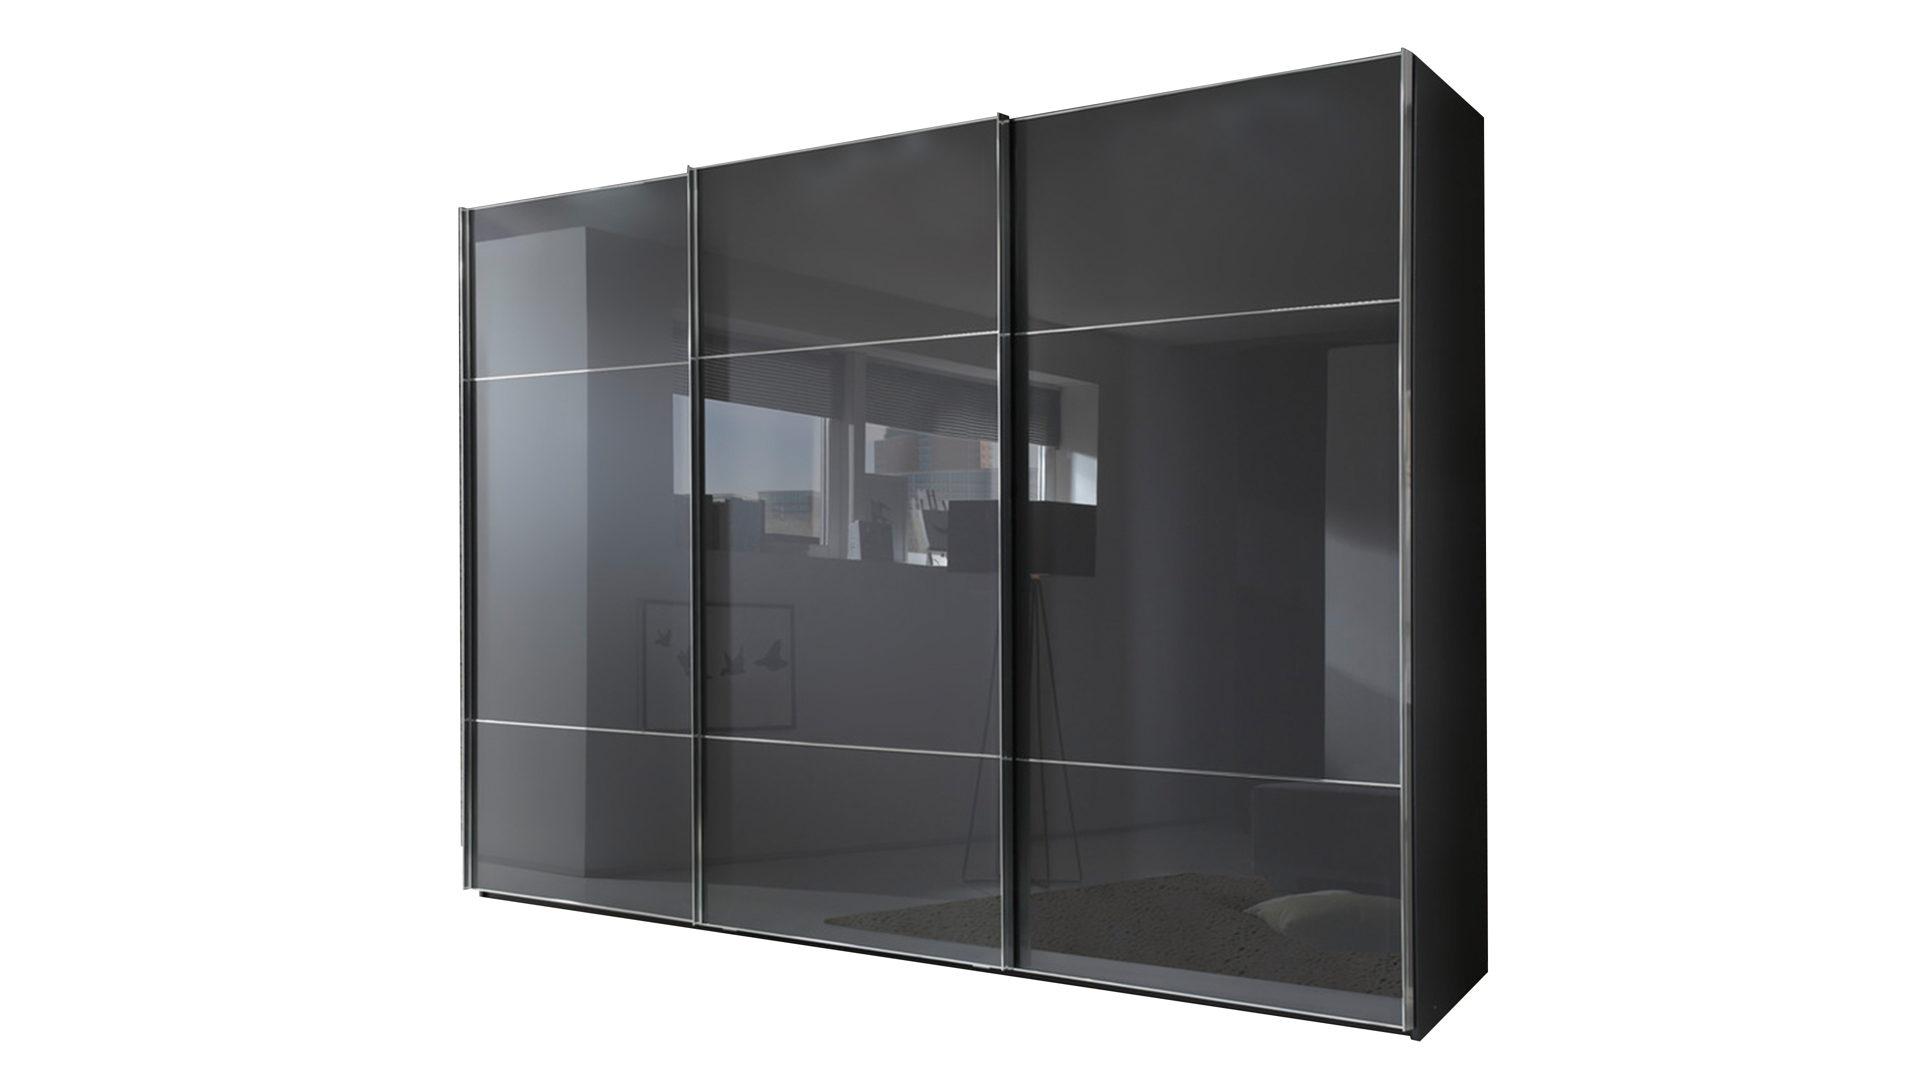 Schwebetürenschrank Marcato 2.3, graphit- & basaltfarbene Oberflächen –  drei Türen